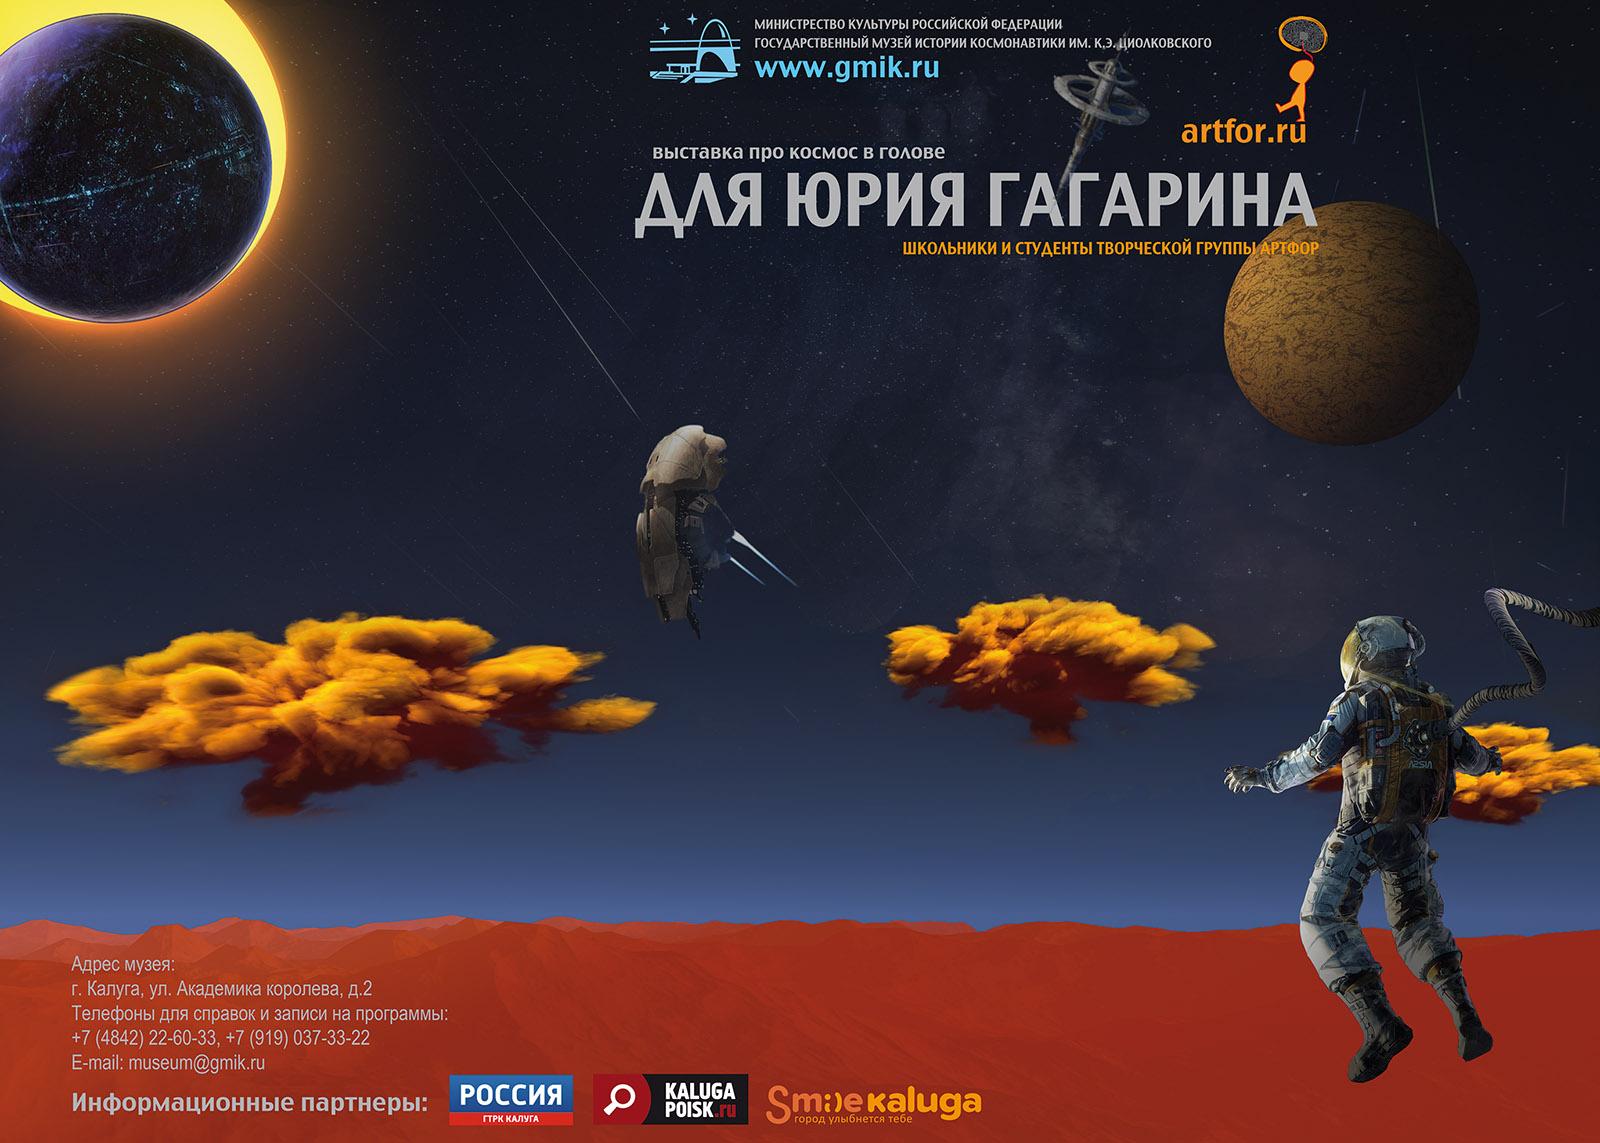 Постер к выставке про космос в голов